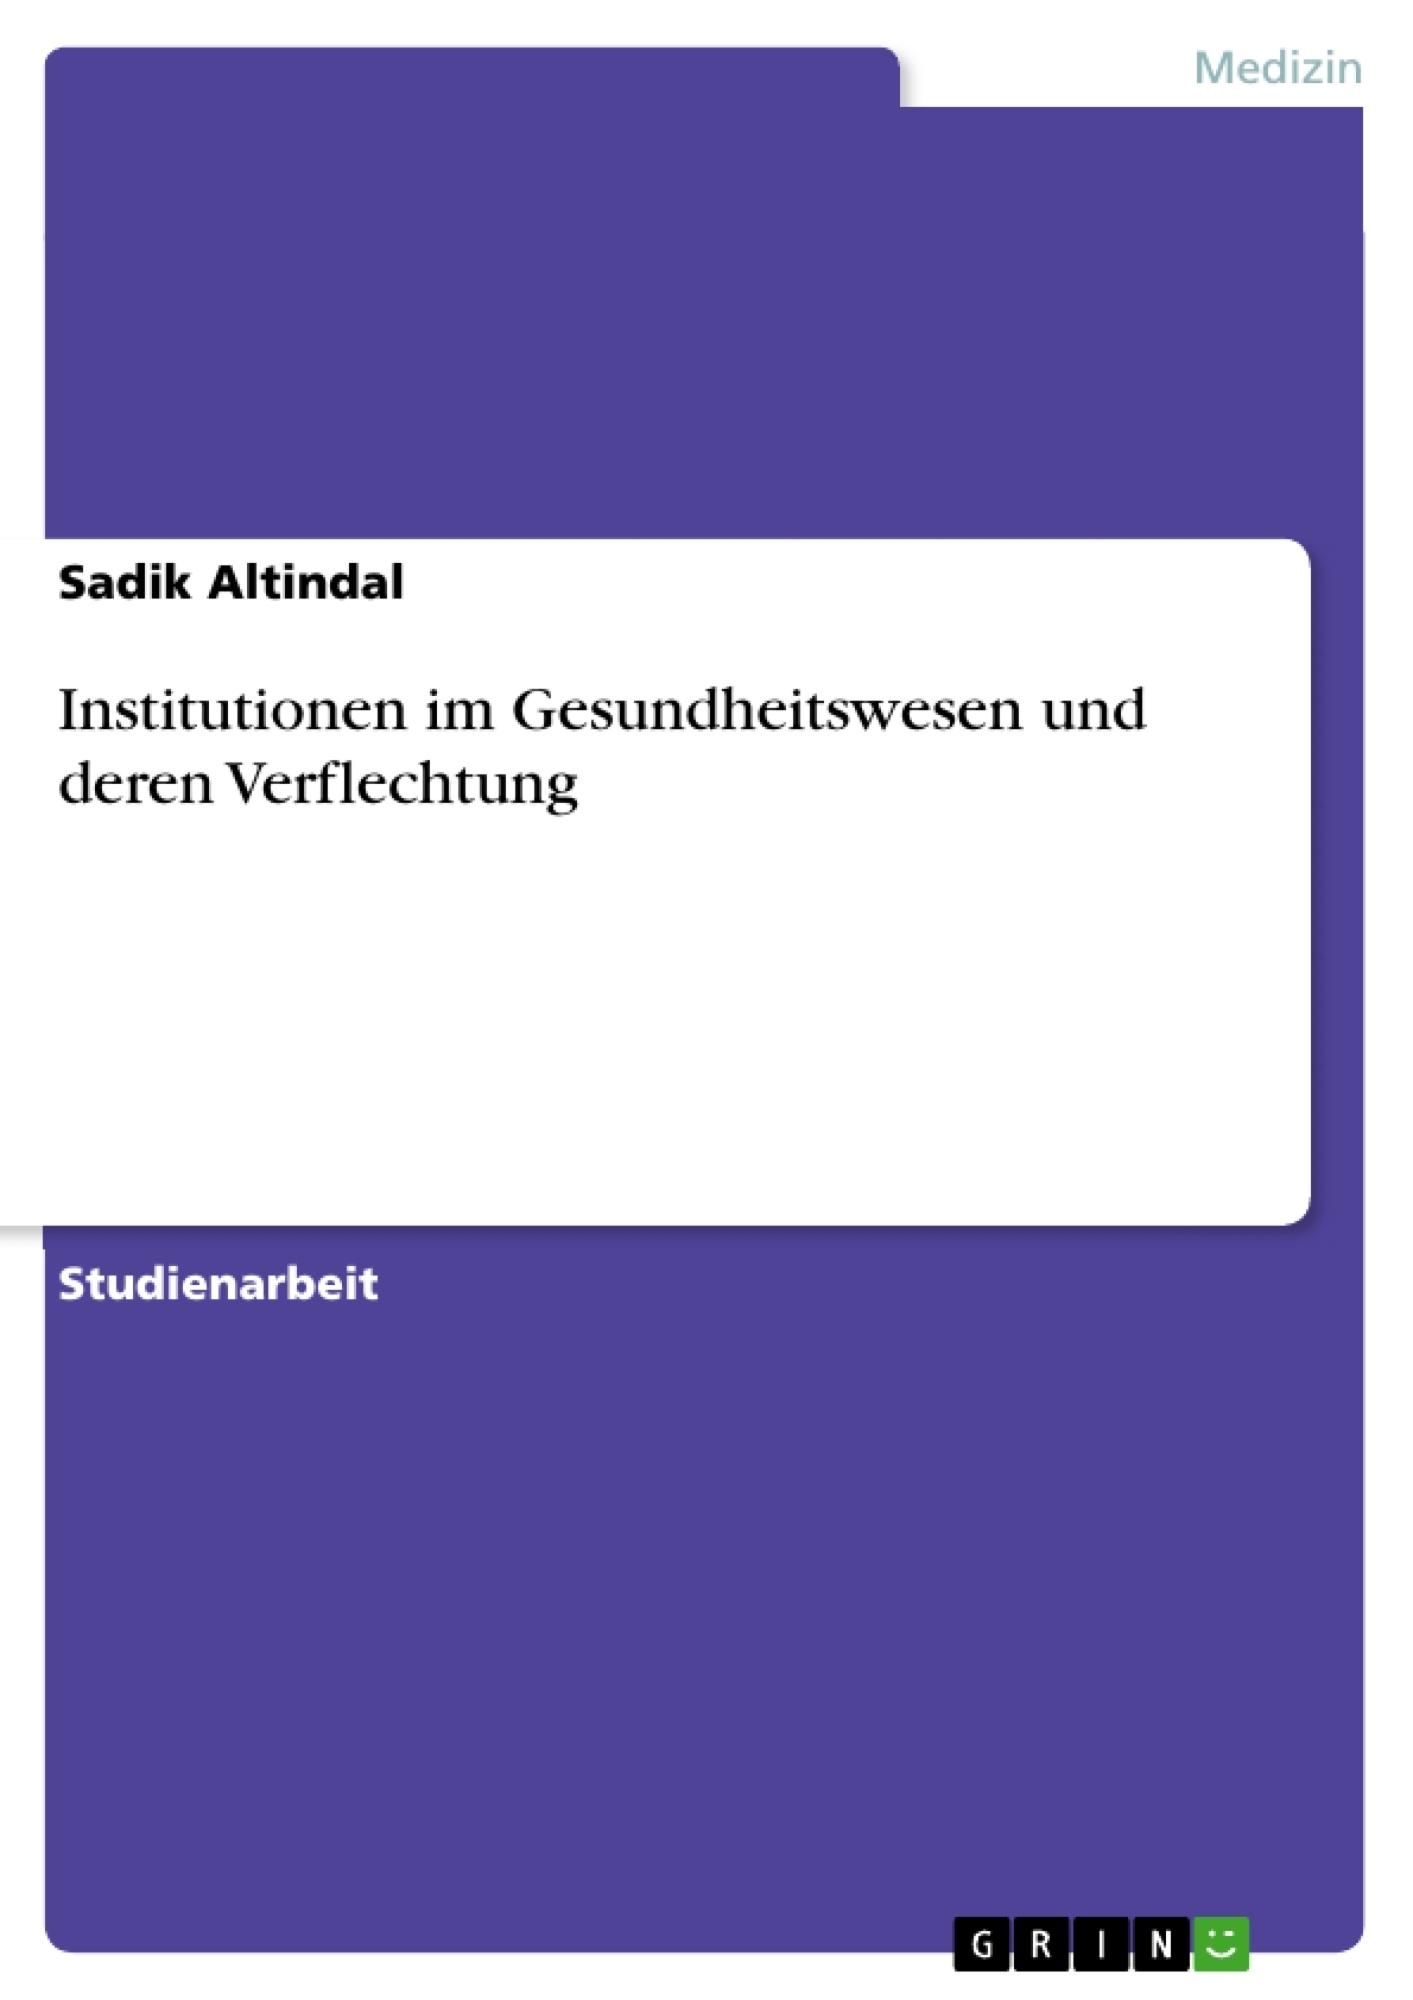 Titel: Institutionen im Gesundheitswesen und deren Verflechtung